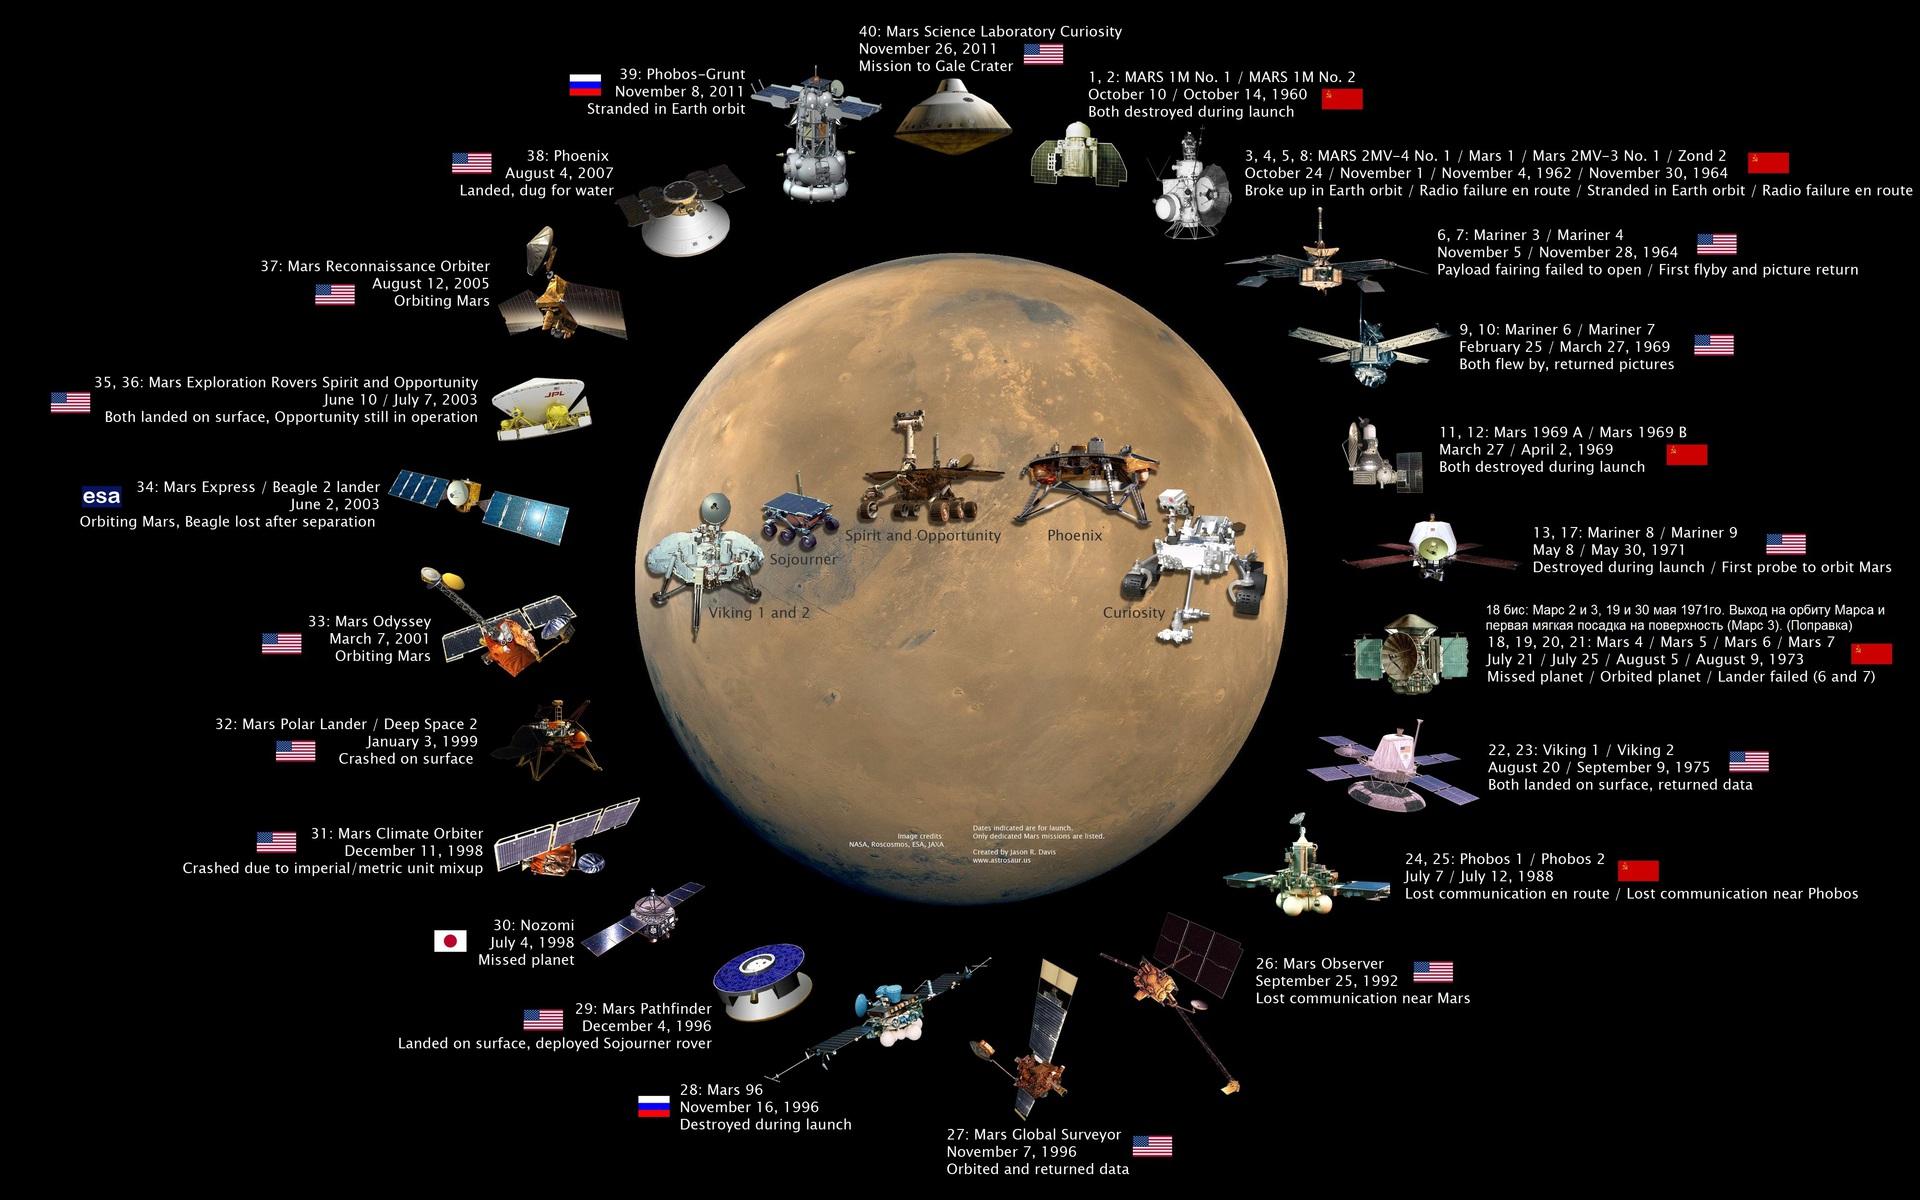 Марс вчера и сегодня. Краткая хроника роботов-геологов